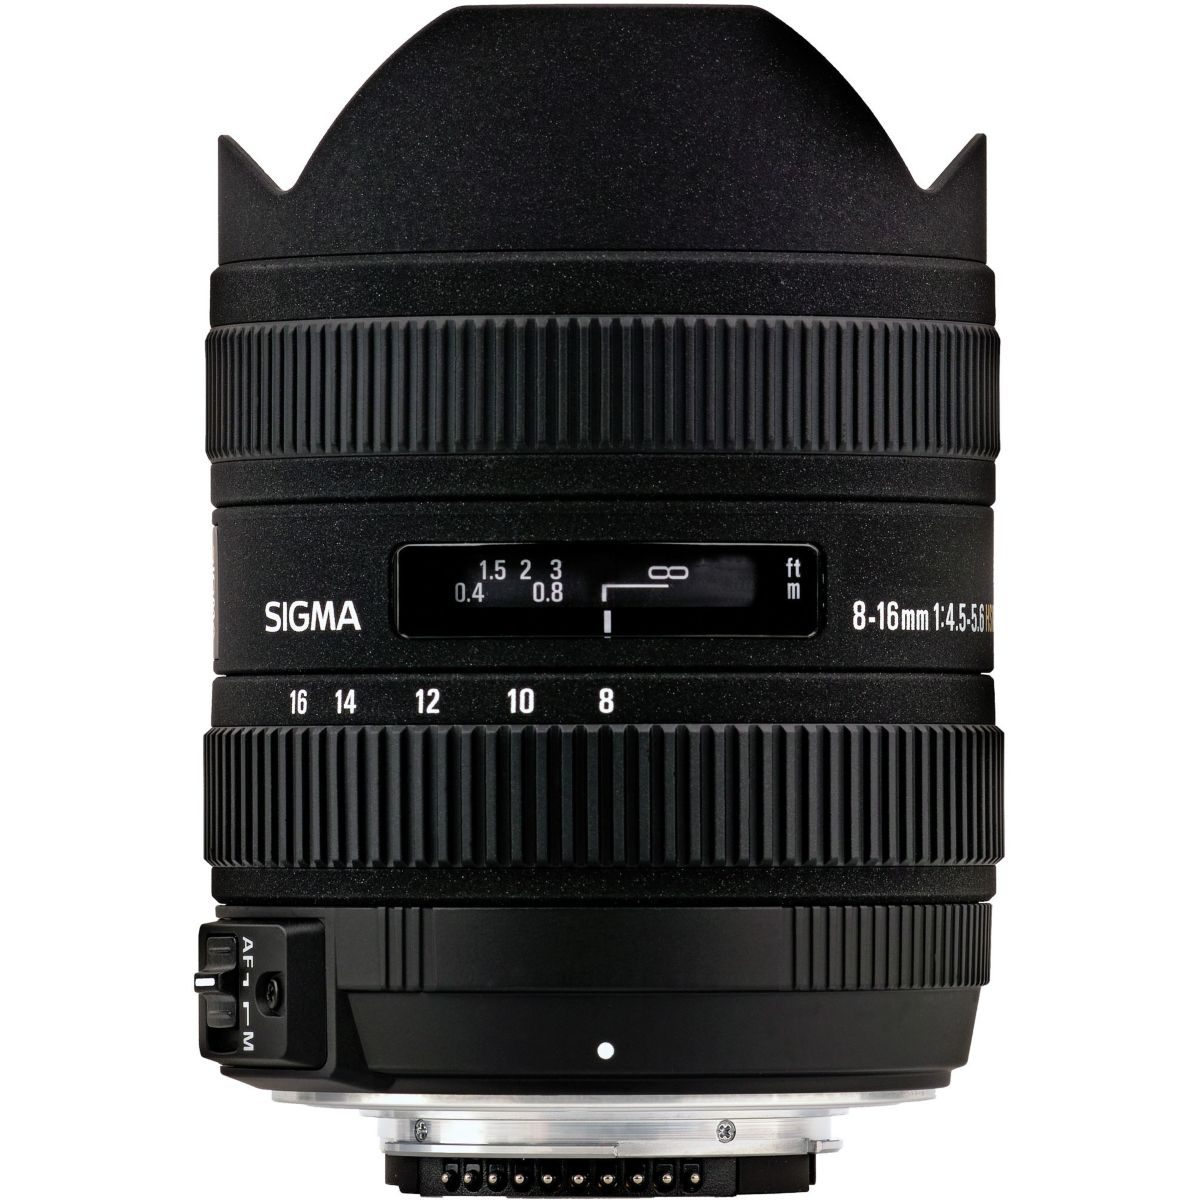 Objectif sigma 8-16mm f4,5-5,6 dc hsm (pour reflex canon) - livraison offerte : code livpremium